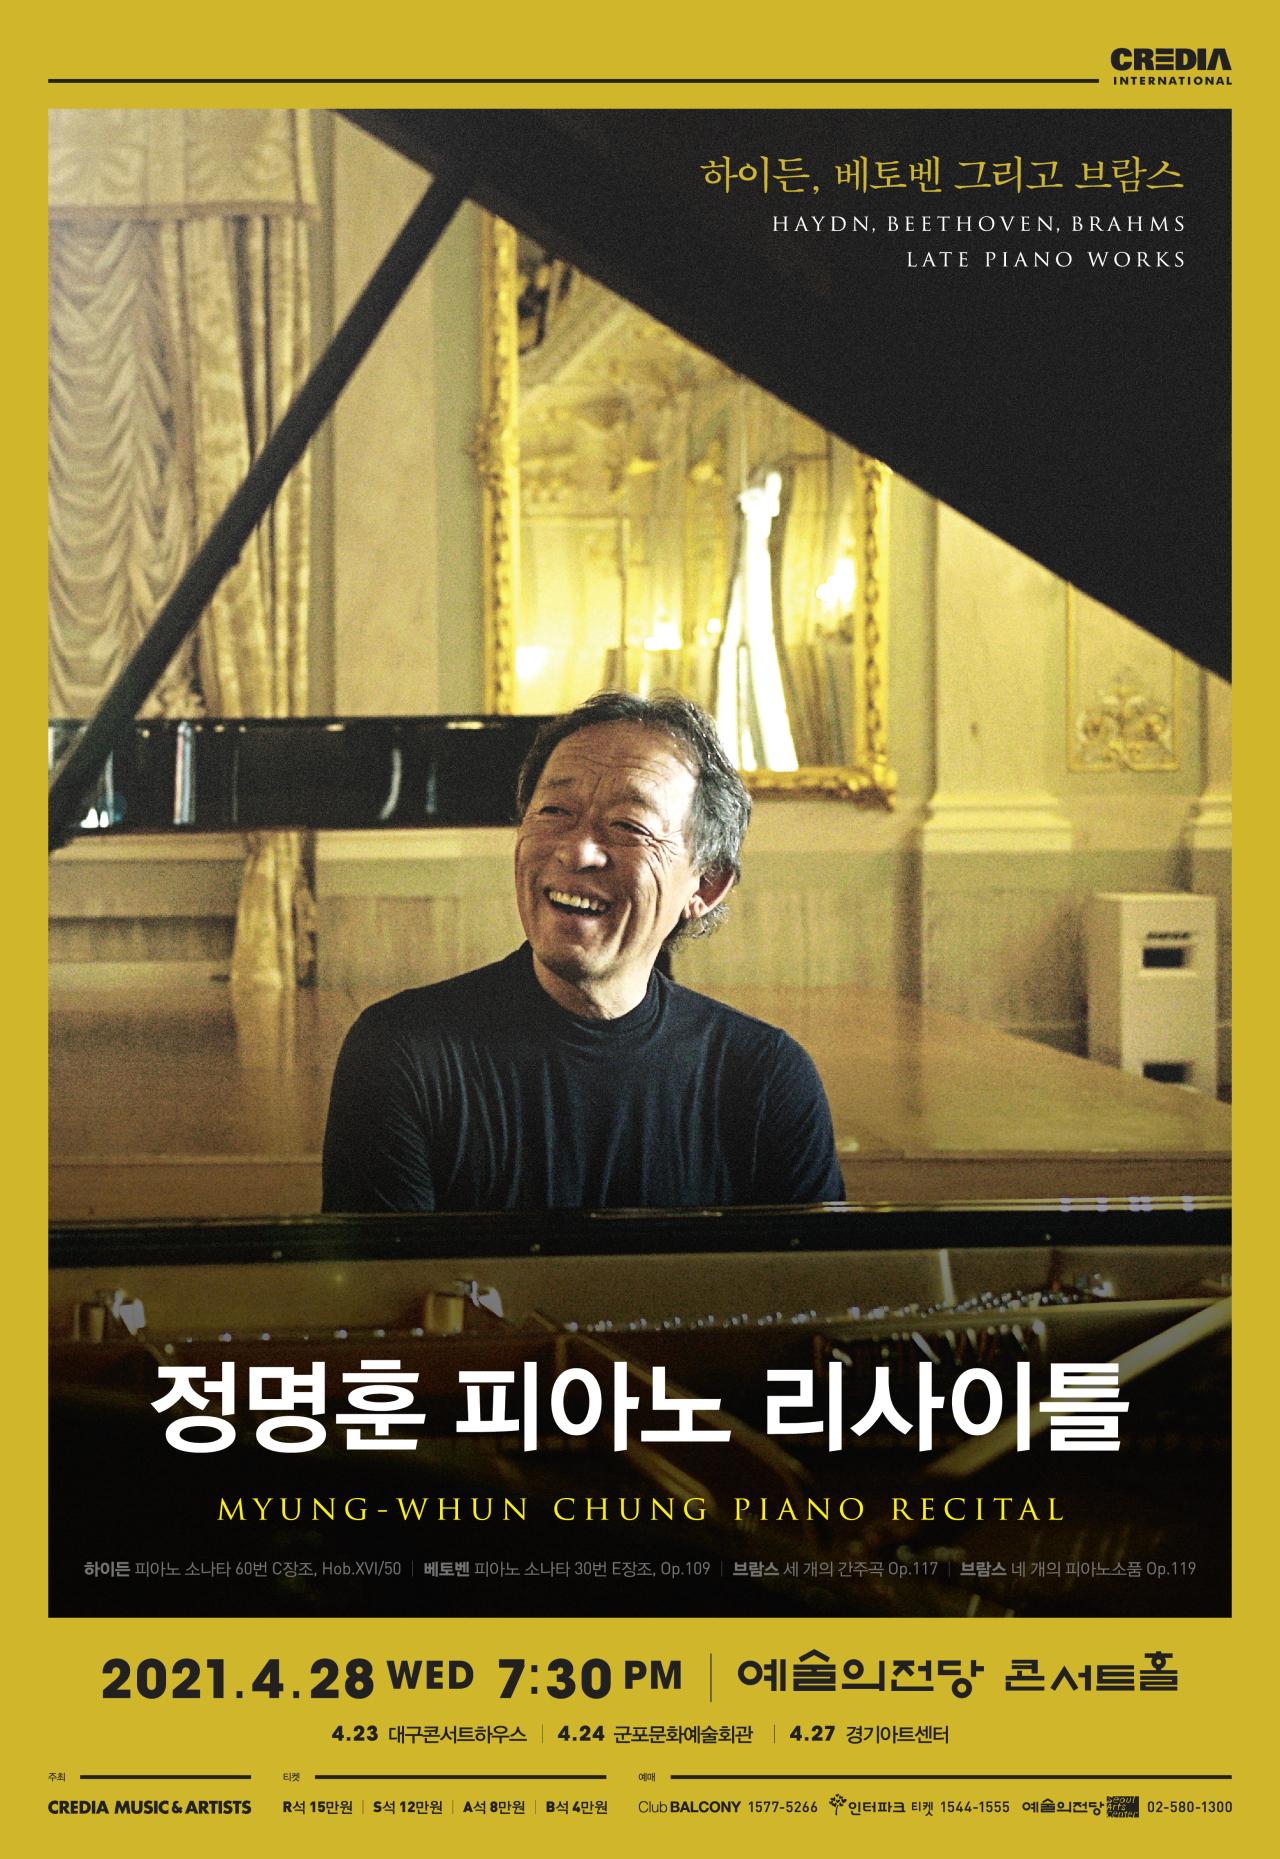 Chung Myung-whun (Universal Music)